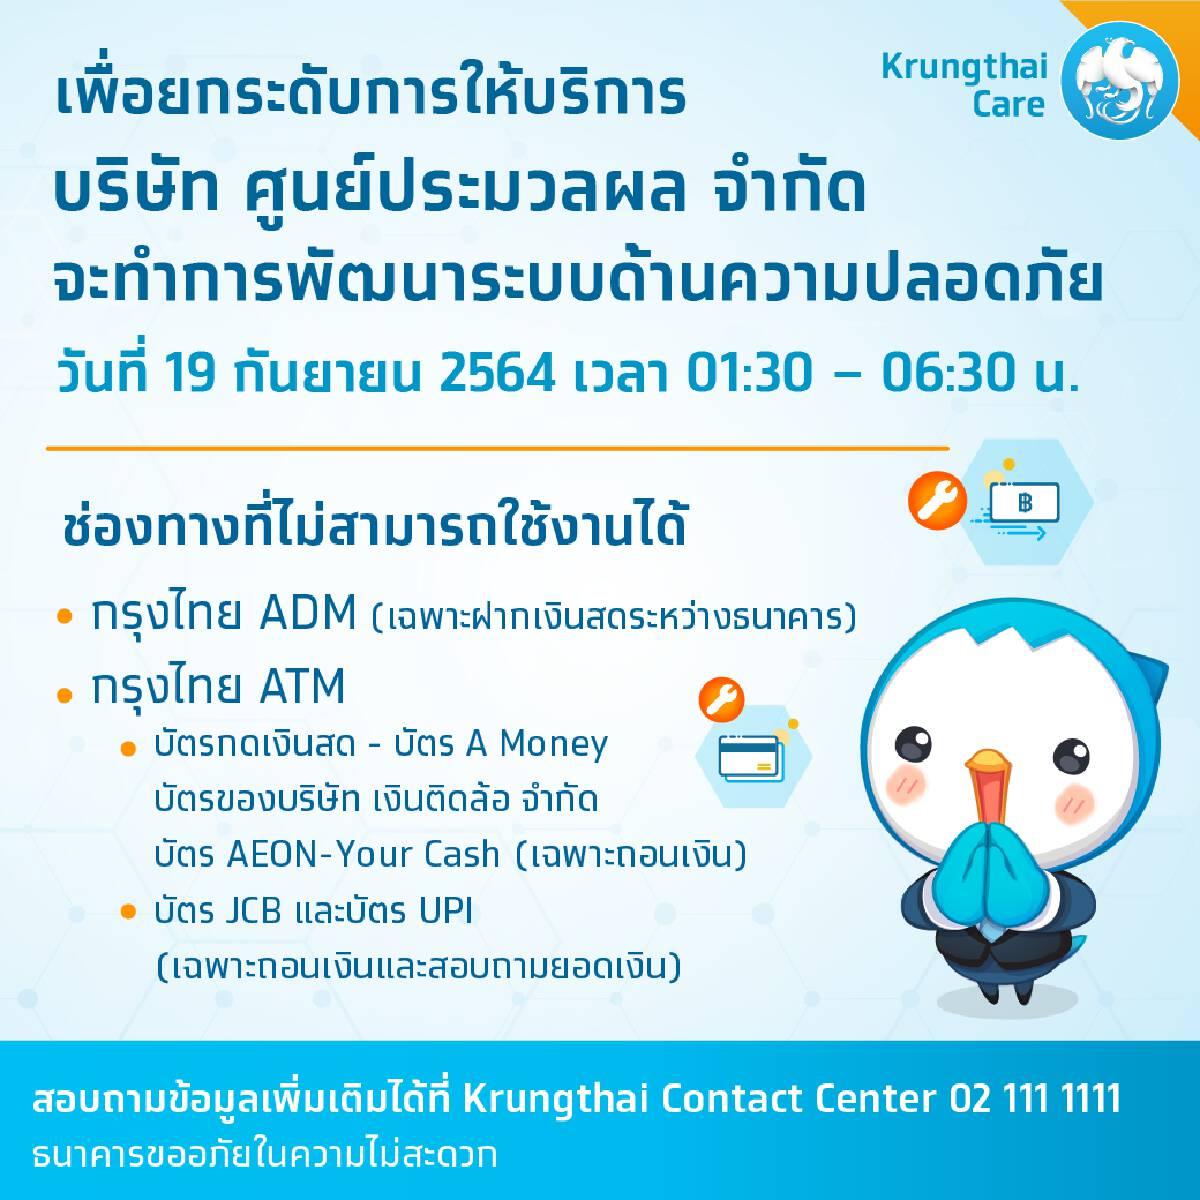 ธนาคารกรุงไทย จะพัฒนาระบบด้านความปลอดภัยวันที่ 19 ก.ย.64